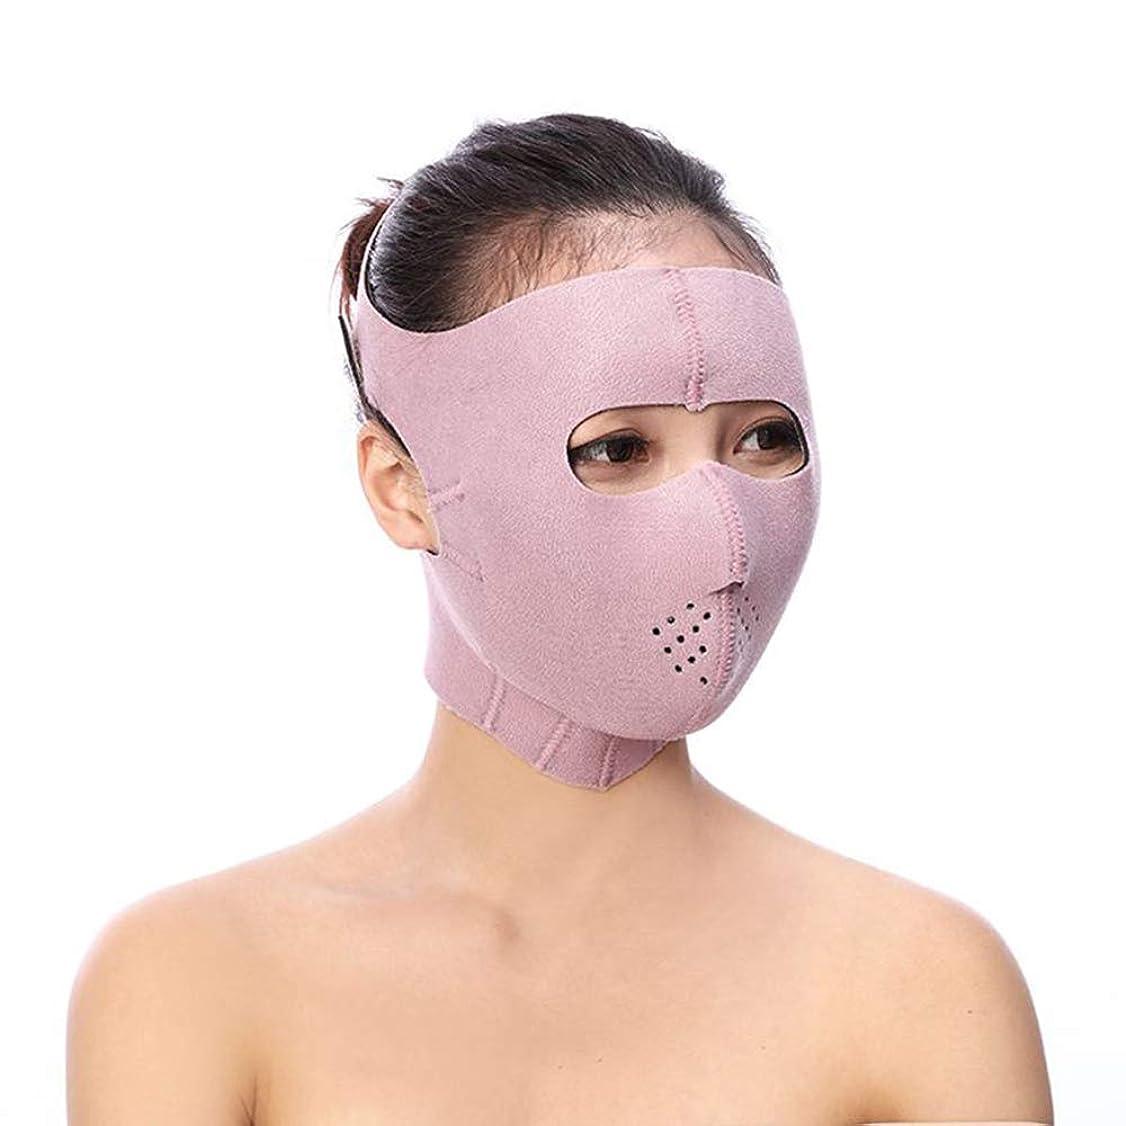 ハウスラッカス寝室Minmin フェイシャルリフティング痩身ベルト - Vフェイス包帯マスクフェイシャルマッサージャー無料の薄いフェイス包帯整形マスクを引き締める顔と首の顔スリム みんみんVラインフェイスマスク